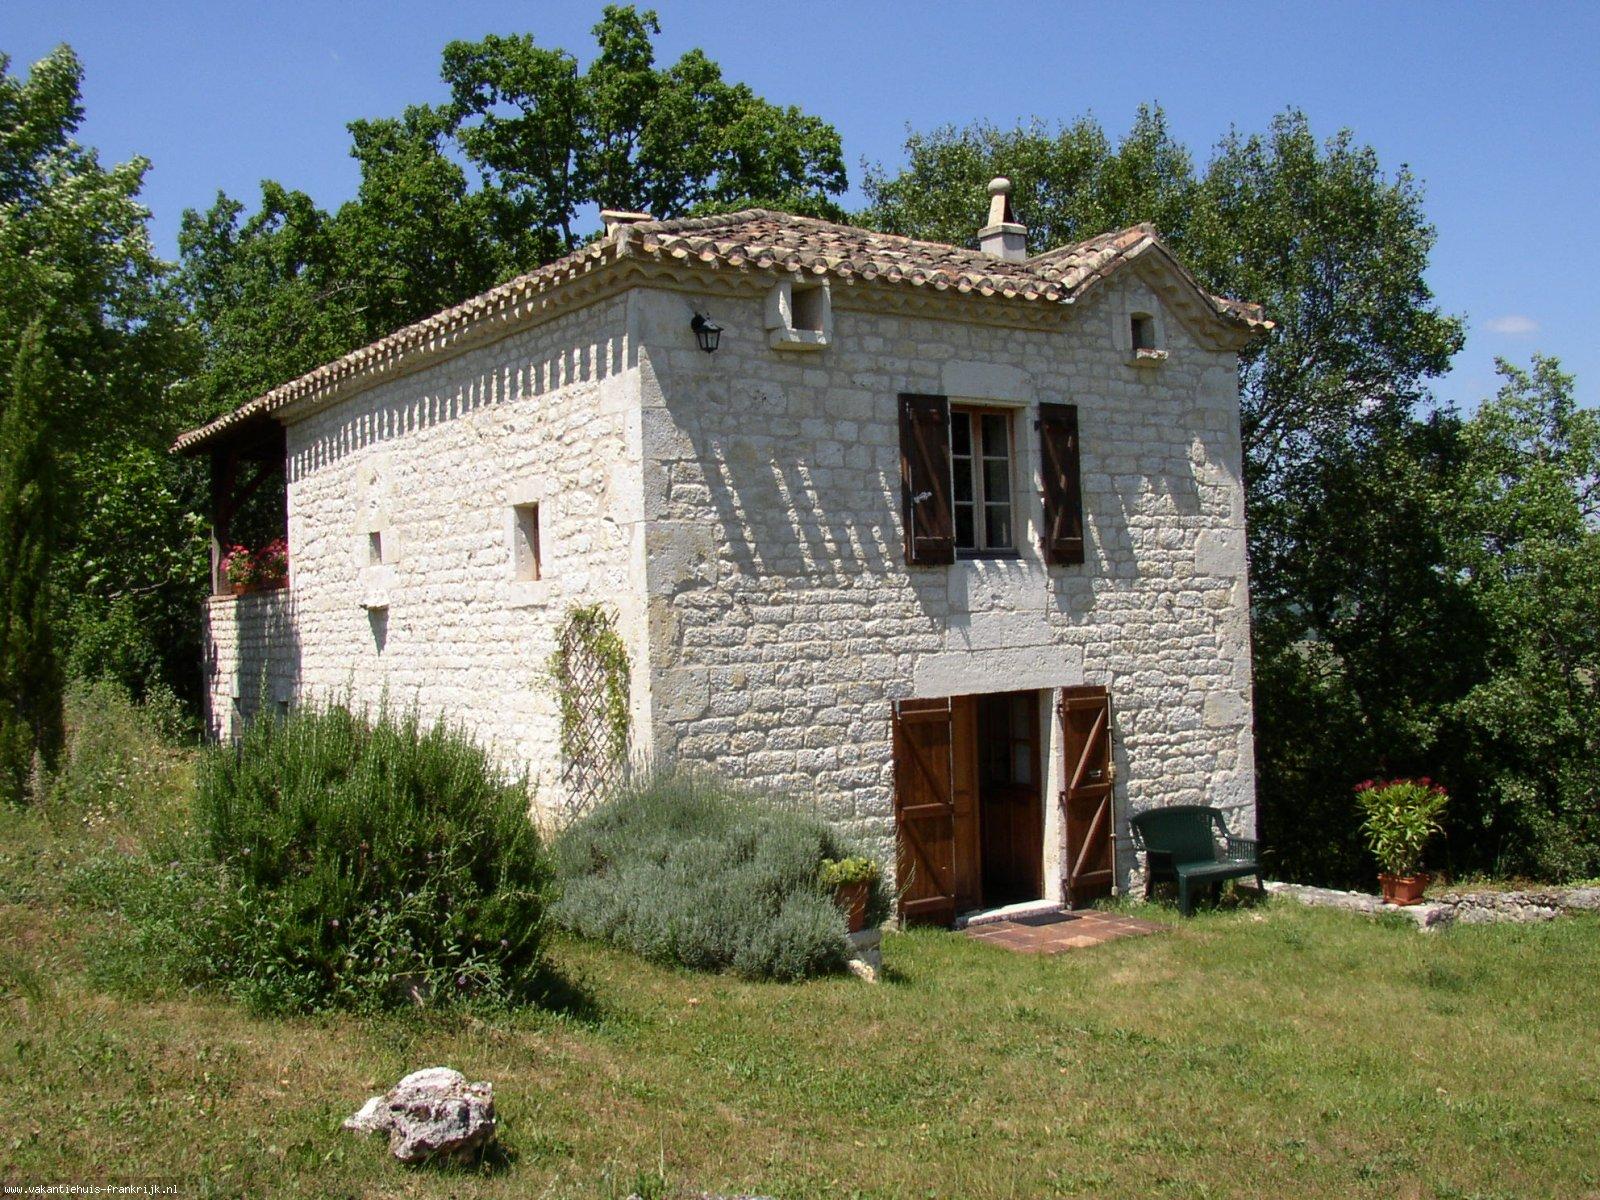 Vakantiehuis: Lot Frankrijk, Montcuq: Te huur comfortabel vakantiehuis te huur voor uw vakantie in Lot (Frankrijk)